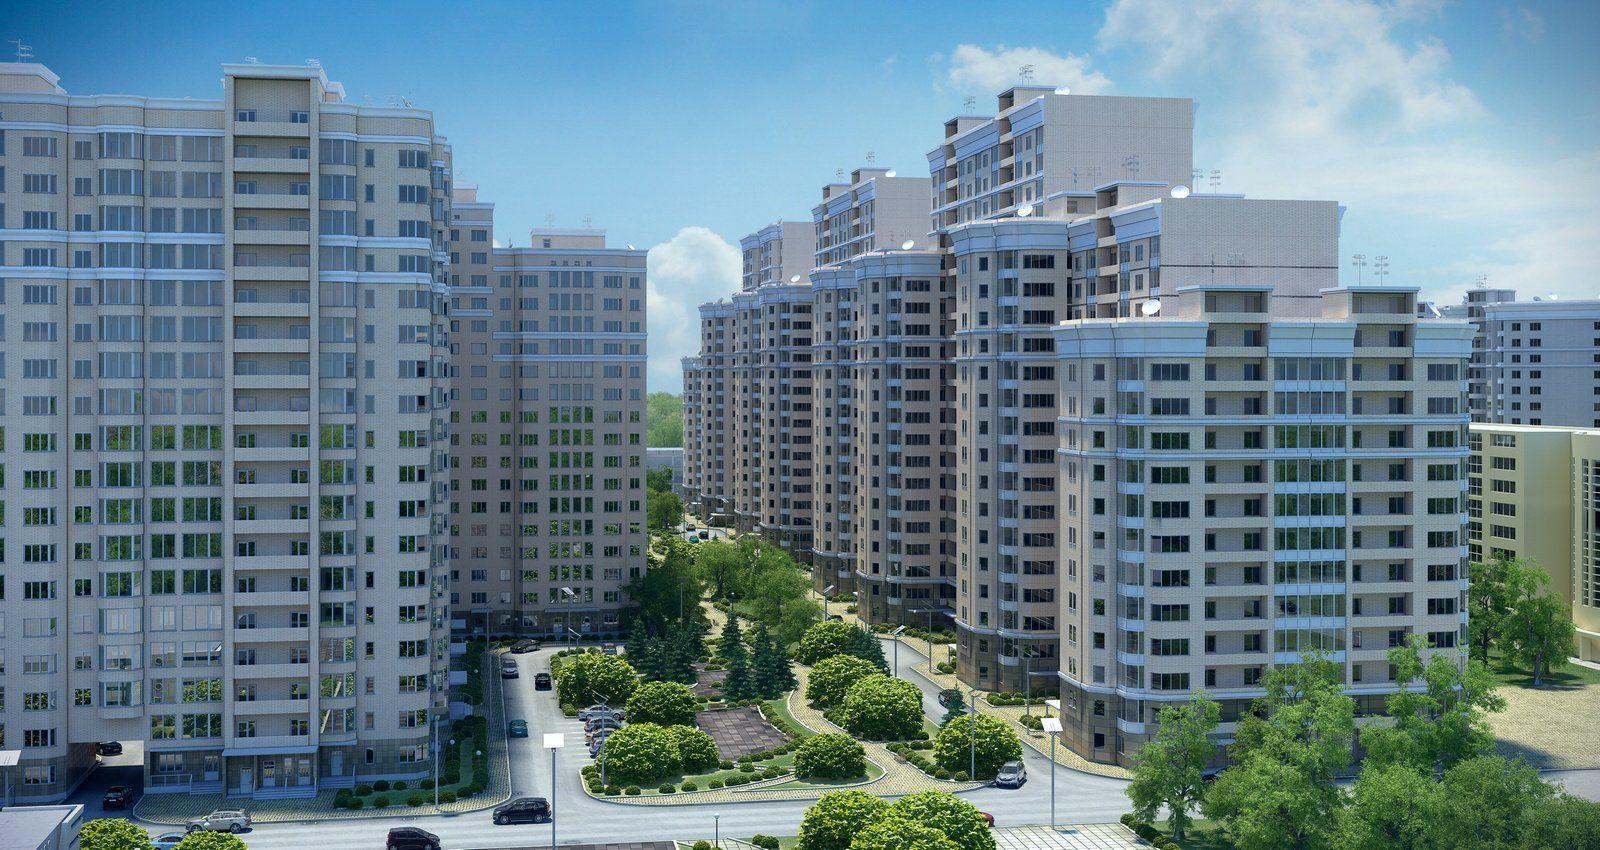 Лучшие агентства недвижимости в Екатеринбурге в 2021 году